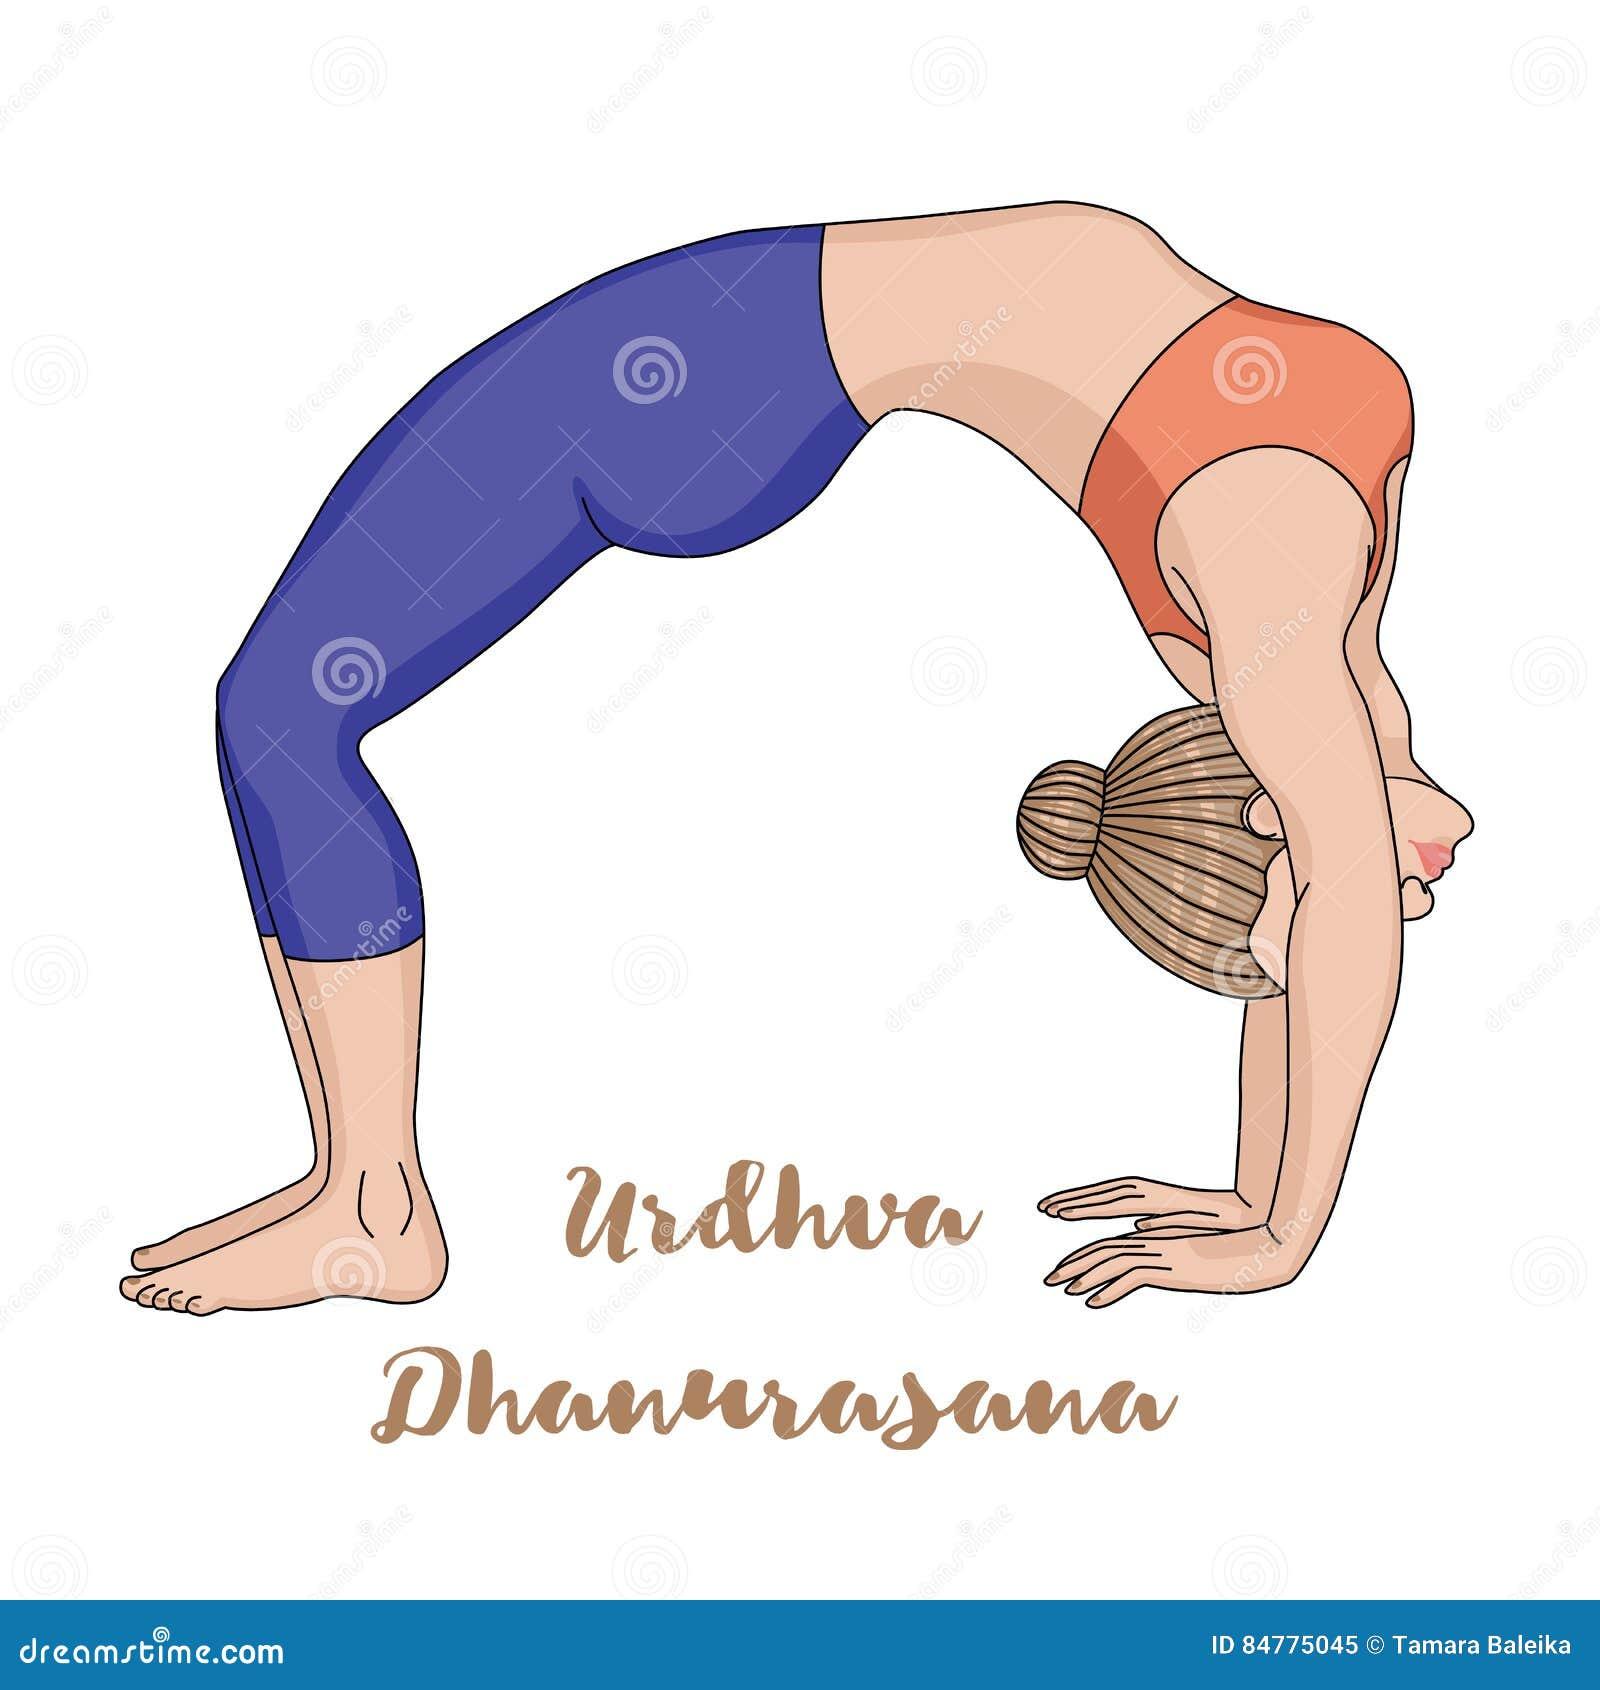 Urdhva Dhanurasana Images